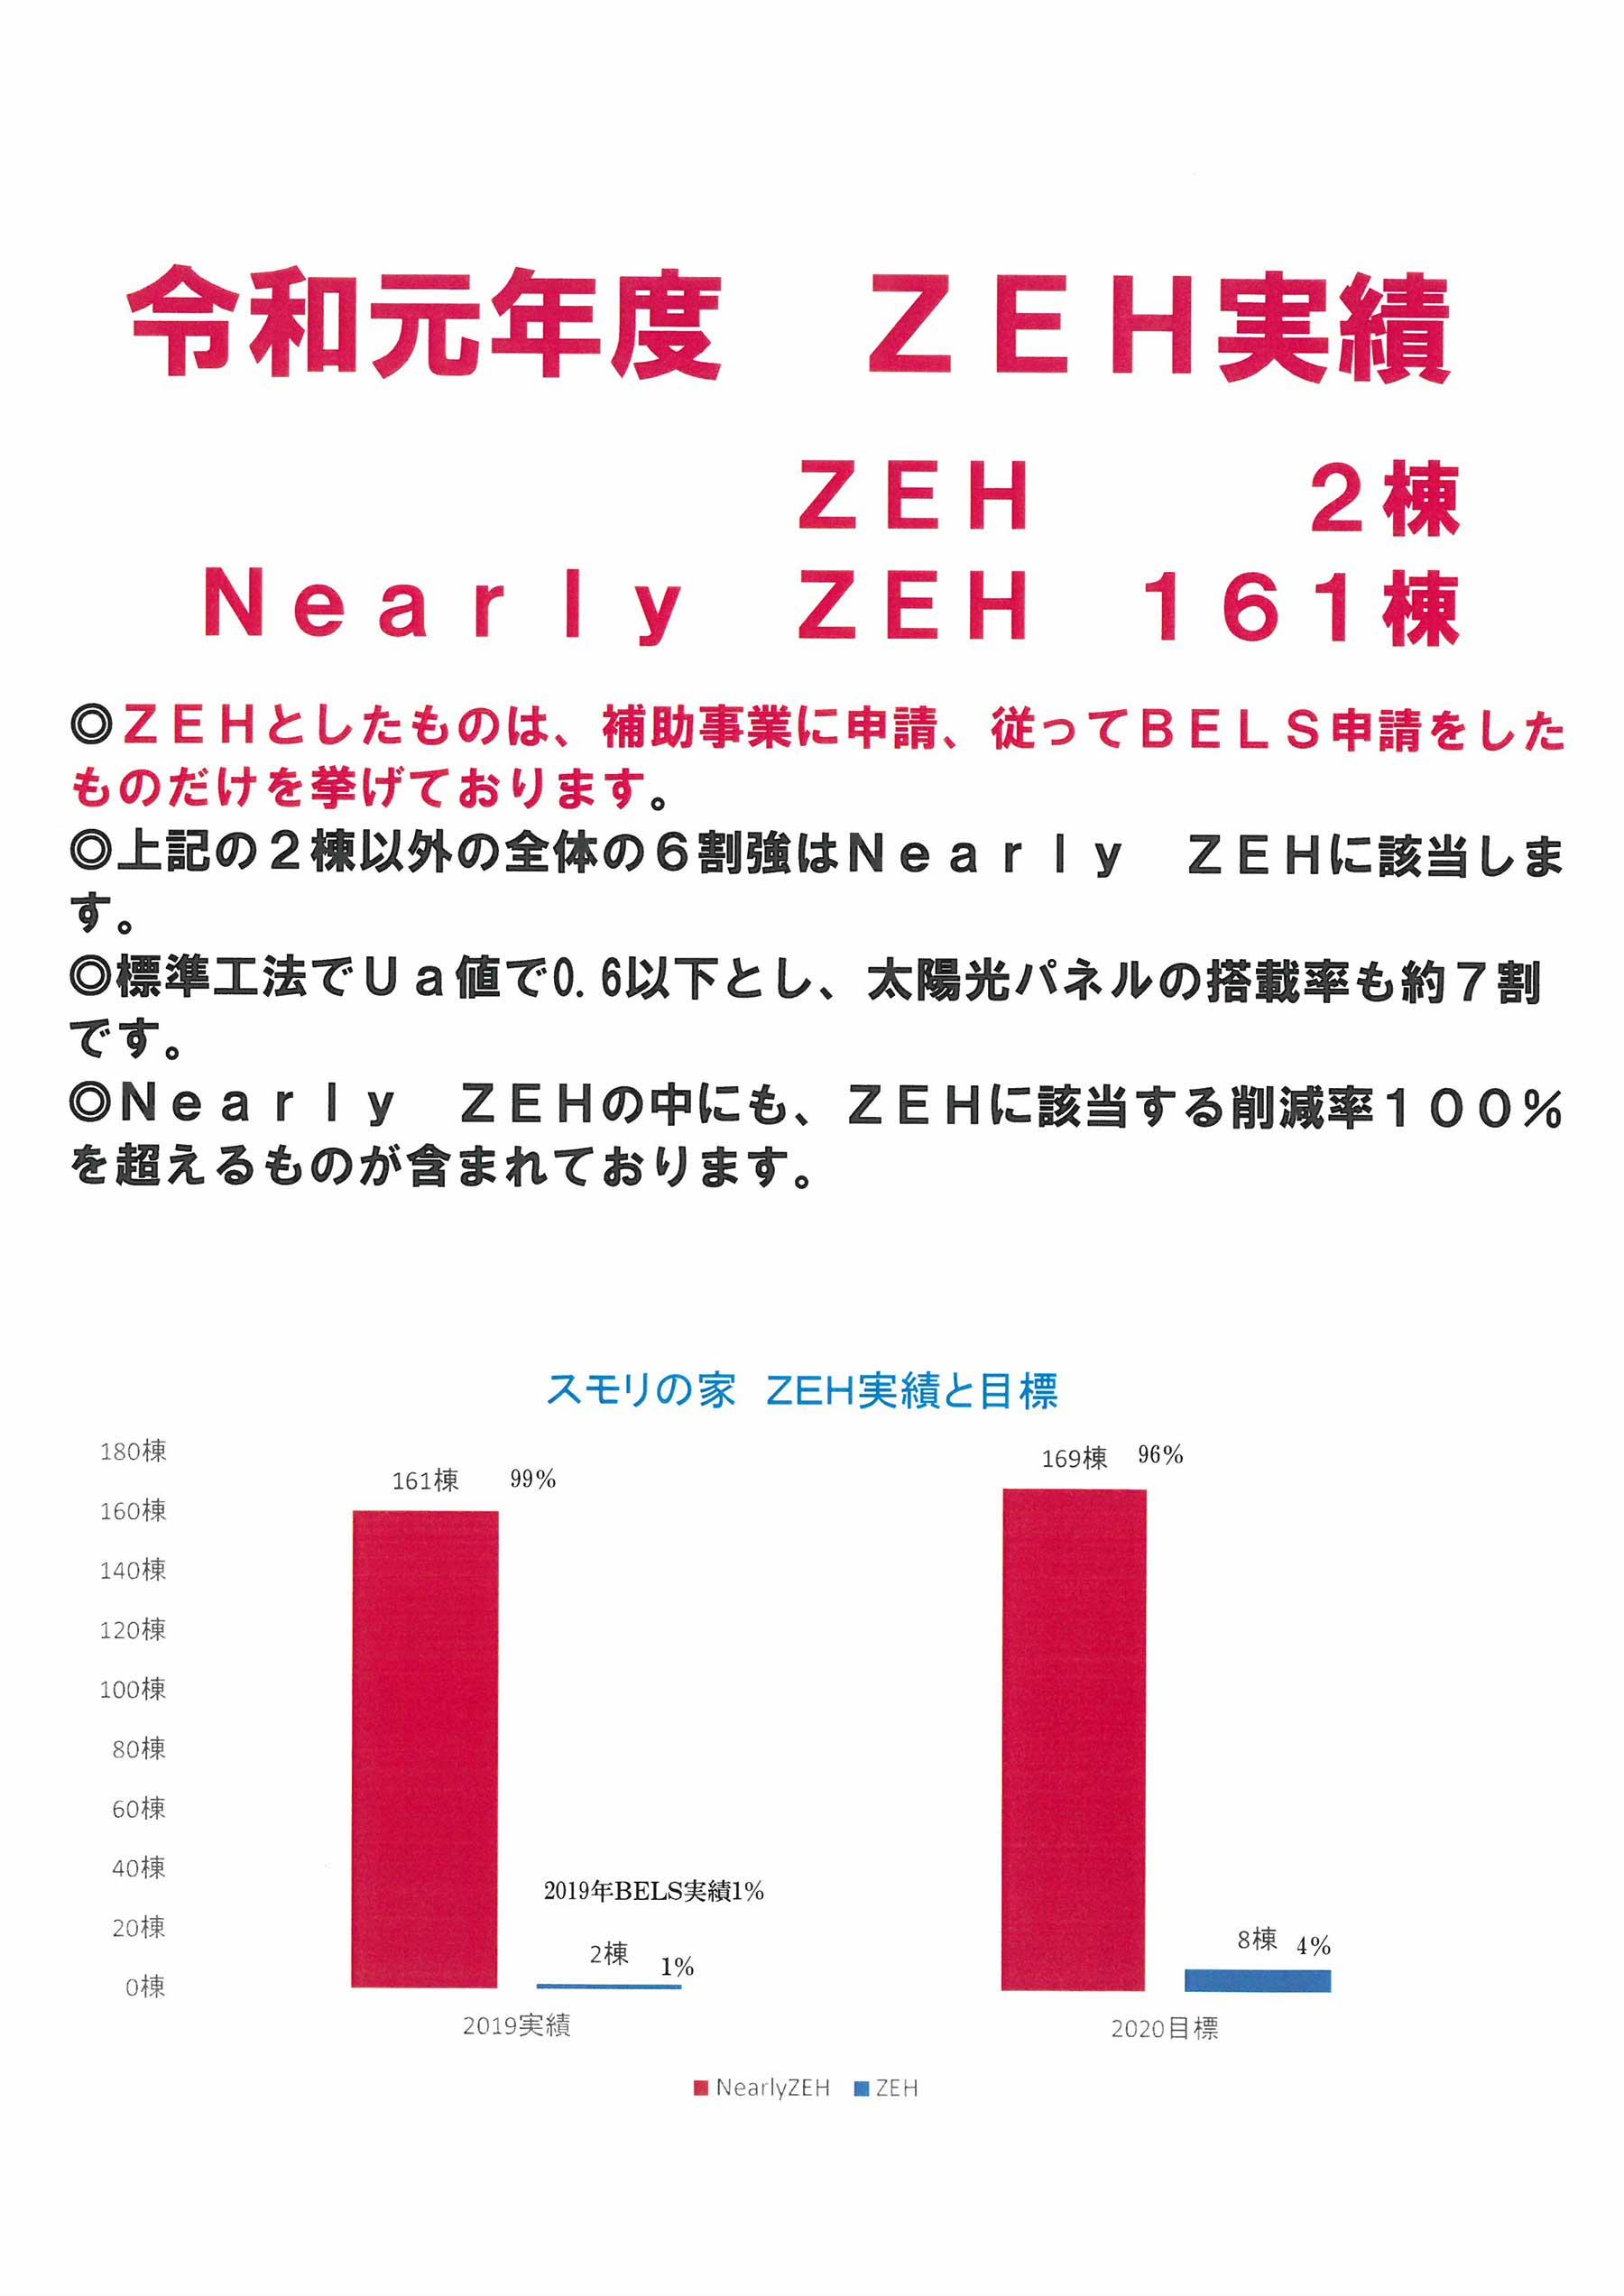 zeh2020